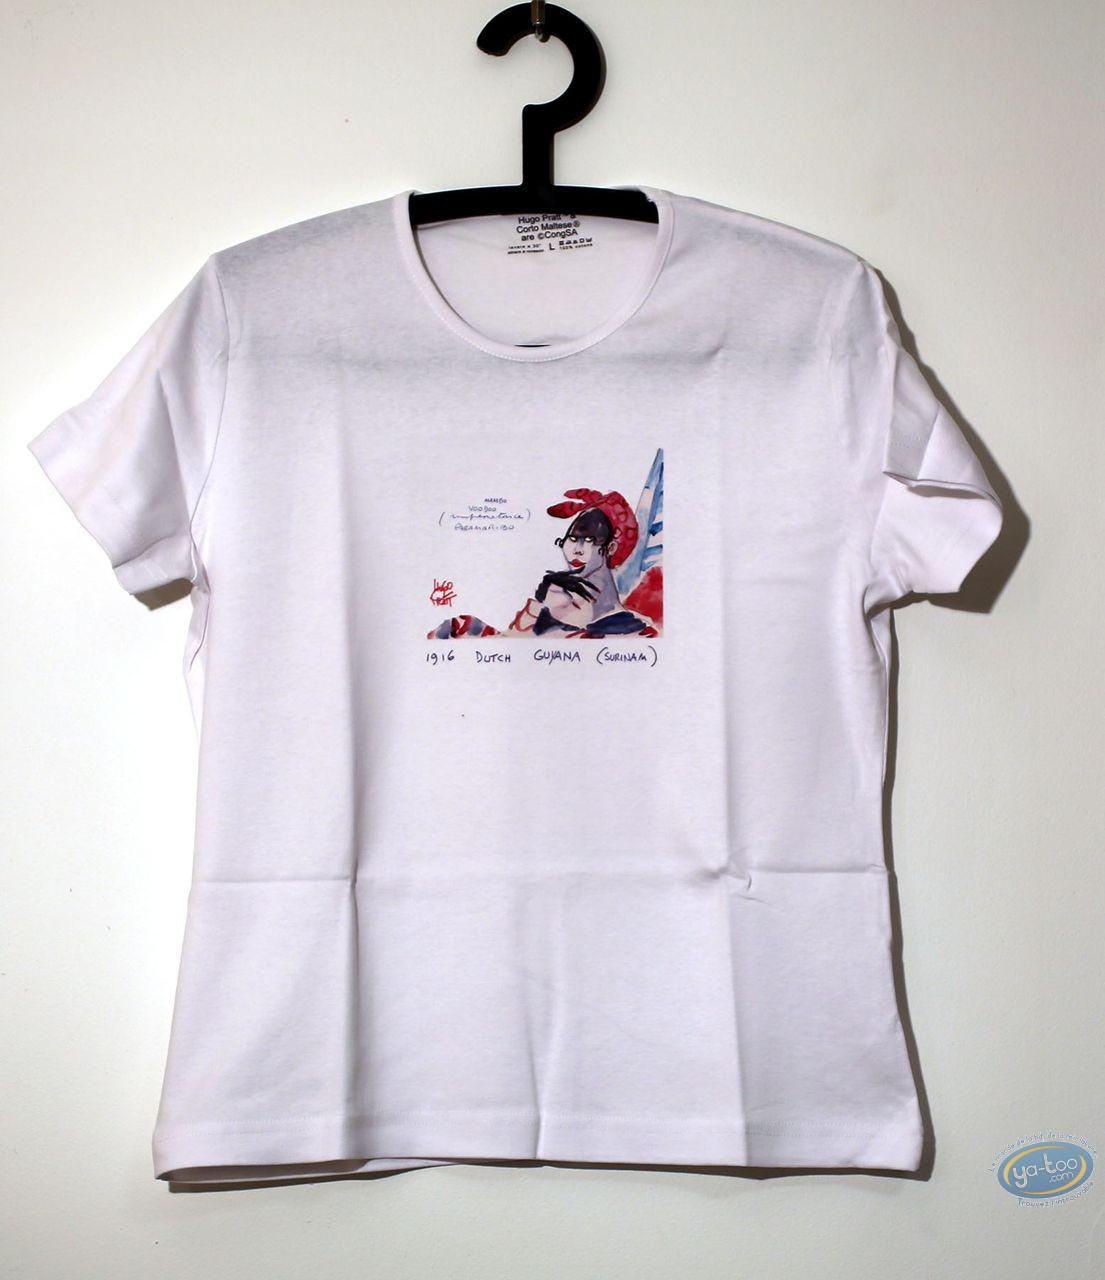 Clothes, Corto Maltese : T-shirt, Corto Maltese : Lady 05/03 Mambo size XS